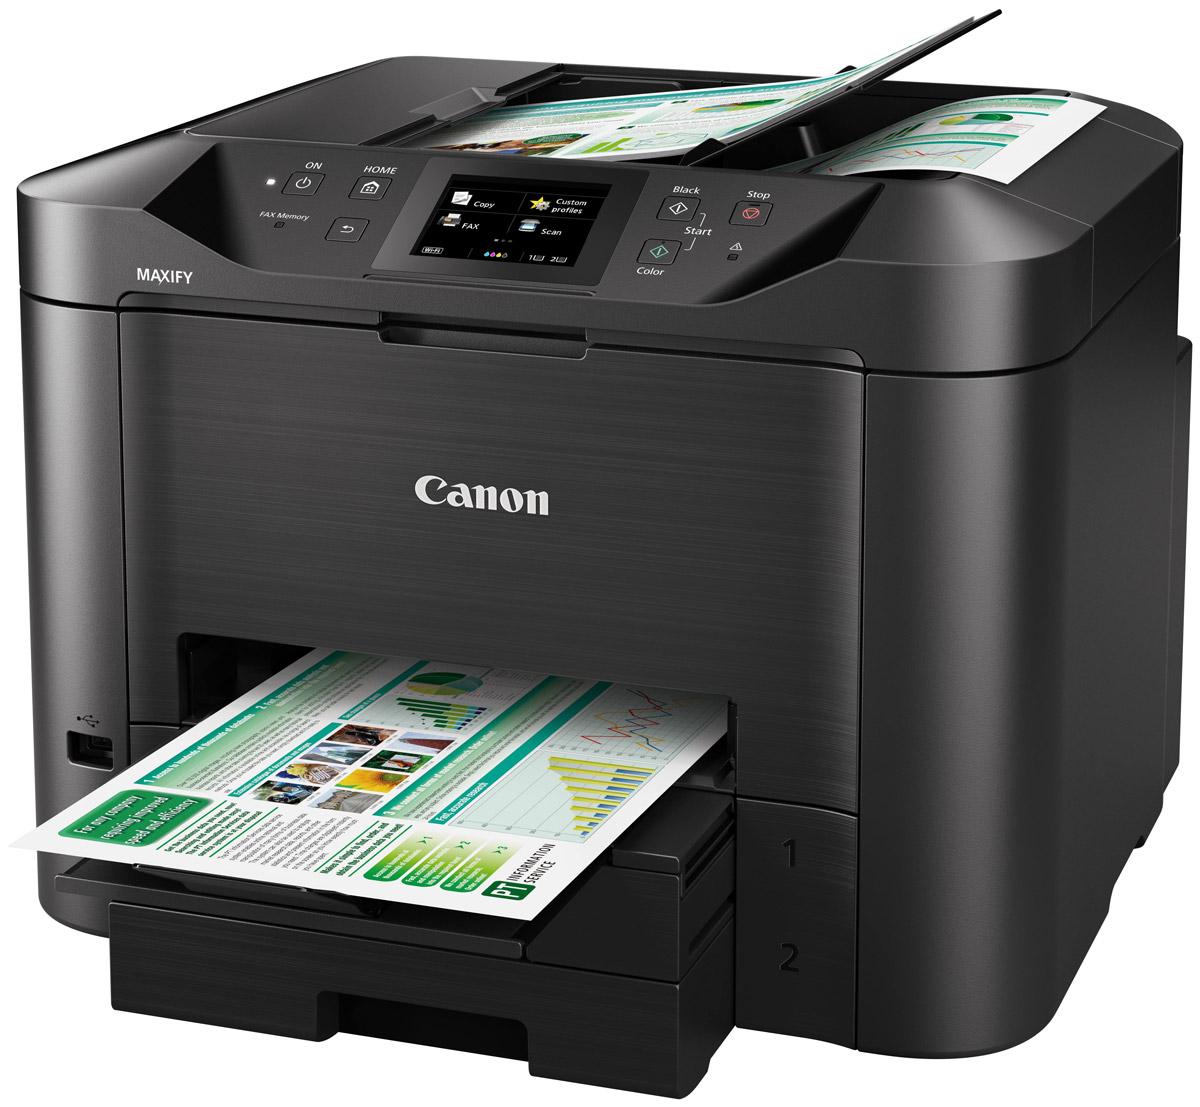 Canon Maxify MB5440 (0971C007) МФУ0971C007Canon Maxify MB5440 — идеальный выбор для эффективной печати в условиях небольших офисных пространств без ущерба для производительности, качества и надежности. Высококачественные устойчивые к маркерам чернила, возможности подключения по Wi-Fi и Ethernet и функция двустороннего сканирования за один проход позволяют выполнять печать больших объемов с более высокой скоростью, чем раньше.Технология Quick First Print значительно увеличивает скорость выхода первой страницы (FPOT) — примерно 6 секунд в монохромном режиме. Вы также можете быстро выполнять сканирование обеих сторон документа с помощью устройства двусторонней автоматической подачи документов за один проход (АПД).Чернила DRHD разработаны специально для бизнес-печати. Эти высококачественные чернила обеспечивают яркие цвета, насыщенные оттенки черного и четкий текст, а также препятствуют появлению пятен.Большой цветной сенсорный экран с диагональю 8,8 см обеспечивает удобный доступ ко всем функциям устройства Canon Maxify MB5440. В дополнение к устройству подачи повышенной емкости (на 500 листов), устройству автоматической подачи документов на 50 листов и функции двусторонней печати Canon Maxify MB5440 также поддерживает различные форматы и типы бумаги, от обычной бумаги формата A4 до этикеток, конвертов, фотобумаги и даже двустороннего копирования удостоверений личности, что упрощает выполнение общих заданий офисной печати.Устройство Canon Maxify MB5440 позволяет достичь превосходного качества печати с сохранением низких эксплуатационных расходов. Низкое энергопотребление в сочетании с ресурсами картриджей на 2500 страниц в монохромном режиме и 1500 страниц в цветном позволяет реже выполнять замену картриджей.Совместимость с протоколом SNMP (простой протокол сетевого управления) позволяет интегрировать принтер в существующую рабочую среду, упрощая его использование в офисе с большими объемами печати. Canon Maxify MB5440 обеспечивает это благодаря возможности отслеживать